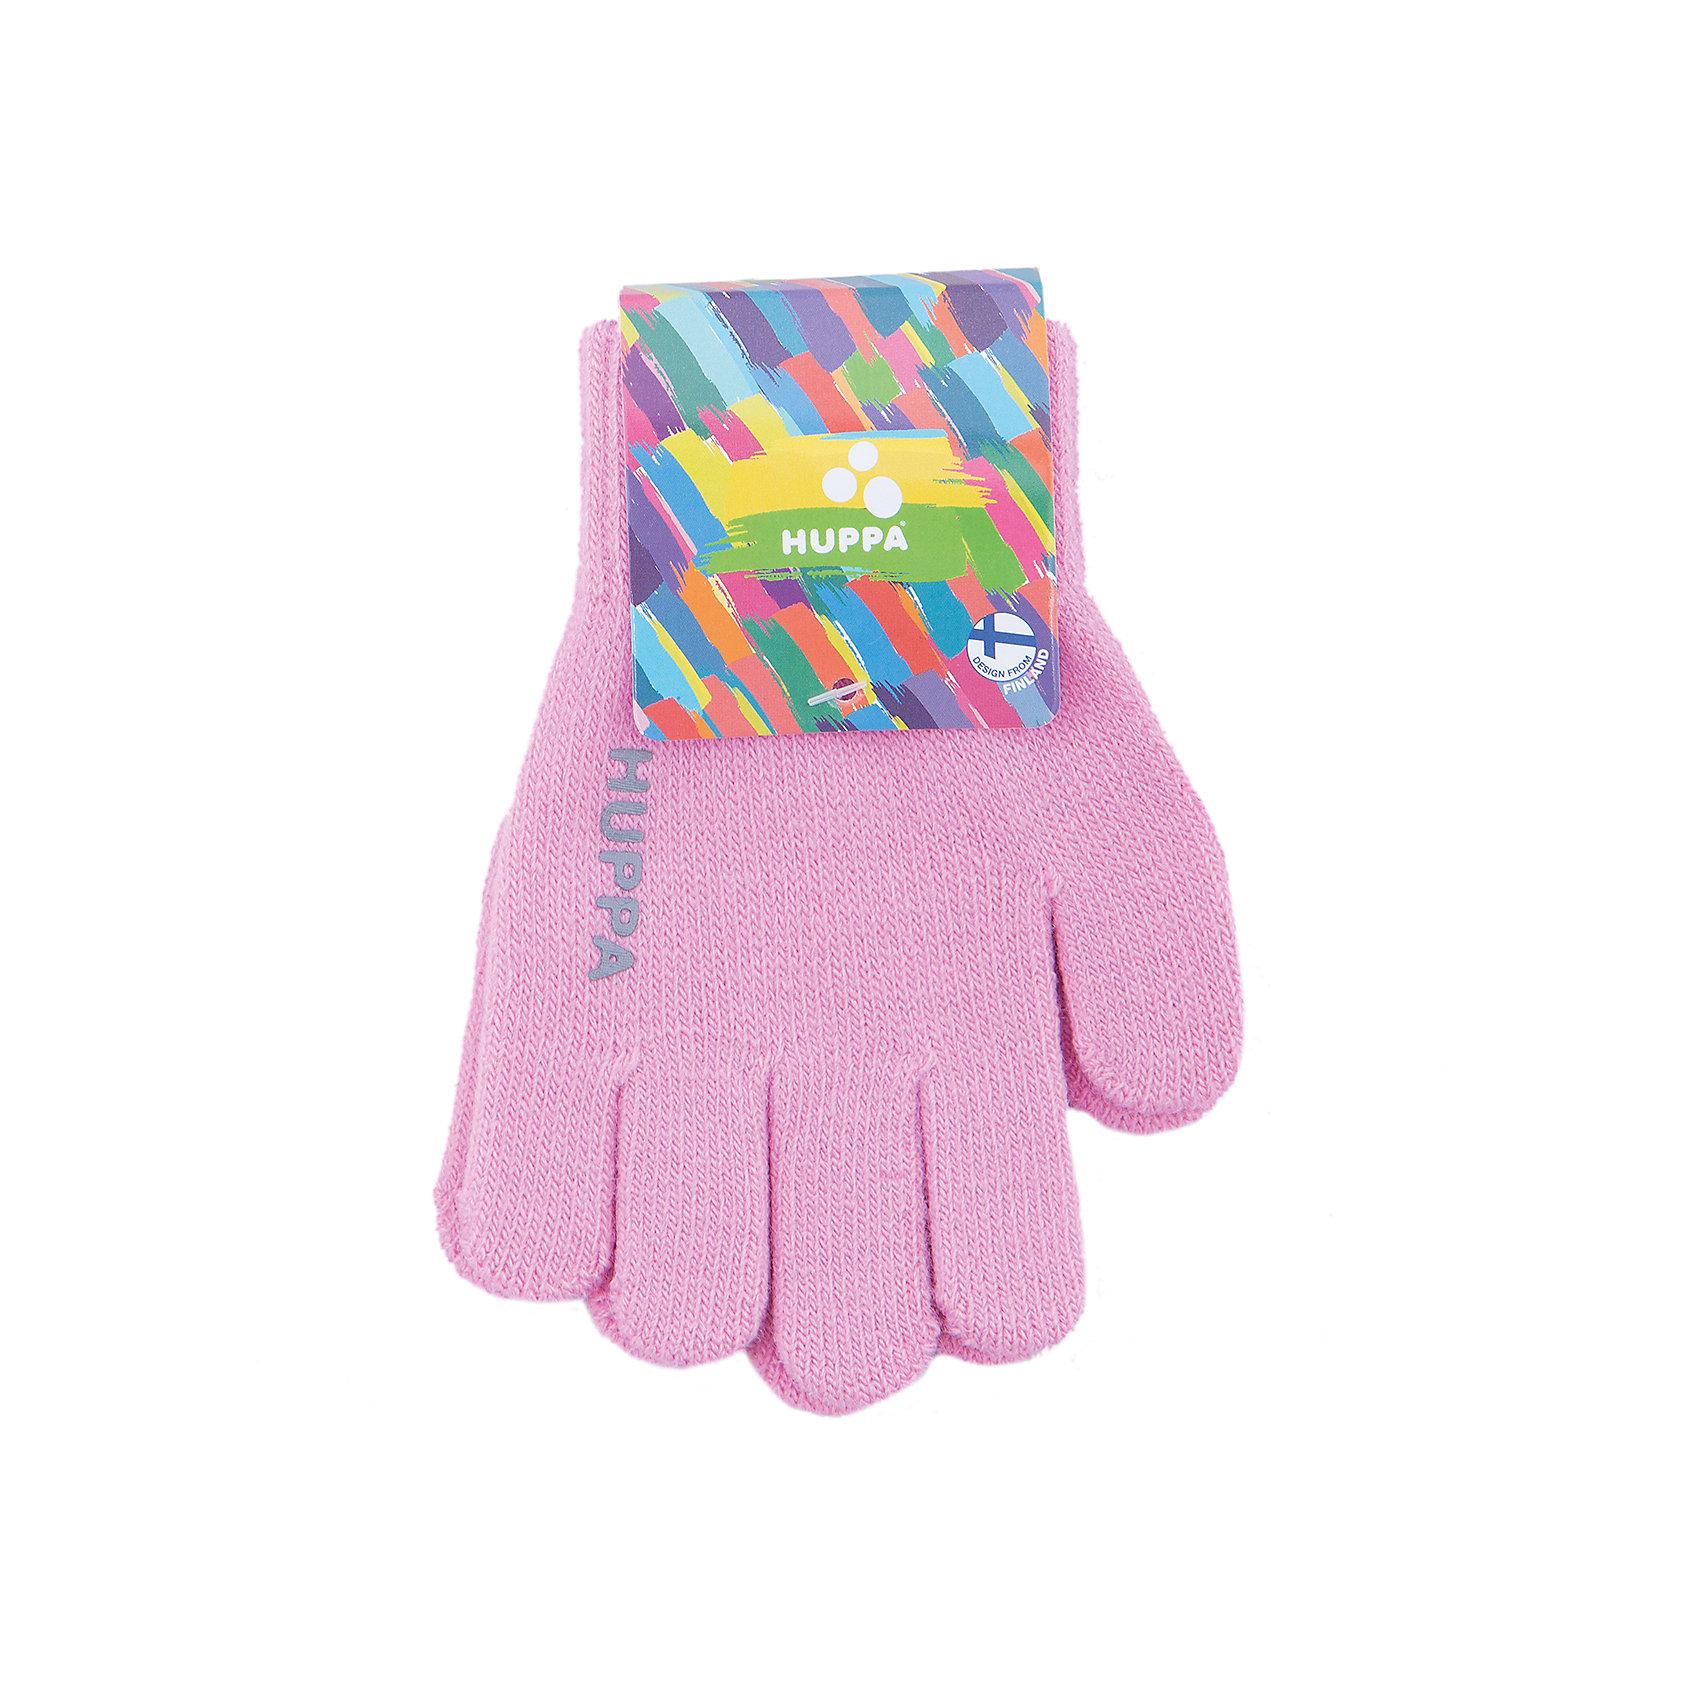 Перчатки LEVI для девочки HuppaПерчатки, варежки<br>Характеристики товара:<br><br>• цвет: розовый<br>• состав: 100% акрил<br>• температурный режим: от 0°С до +10°С<br>• мягкая пряжа<br>• логотип<br>• широкая мягкая резинка<br>• комфортная посадка<br>• страна бренда: Эстония<br><br>Эти перчатки обеспечат детям тепло и комфорт в межсезонье. Они сделаны из мягкого дышащего материала, поэтому изделие идеально подходит для межсезонья. Перчатки очень симпатично смотрятся. Модель была разработана специально для детей.<br><br>Одежда и обувь от популярного эстонского бренда Huppa - отличный вариант одеть ребенка можно и комфортно. Вещи, выпускаемые компанией, качественные, продуманные и очень удобные. Для производства изделий используются только безопасные для детей материалы. Продукция от Huppa порадует и детей, и их родителей!<br><br>Перчатки LEVI от бренда Huppa (Хуппа) можно купить в нашем интернет-магазине.<br><br>Ширина мм: 162<br>Глубина мм: 171<br>Высота мм: 55<br>Вес г: 119<br>Цвет: розовый<br>Возраст от месяцев: 48<br>Возраст до месяцев: 60<br>Пол: Женский<br>Возраст: Детский<br>Размер: 2,1<br>SKU: 5348064